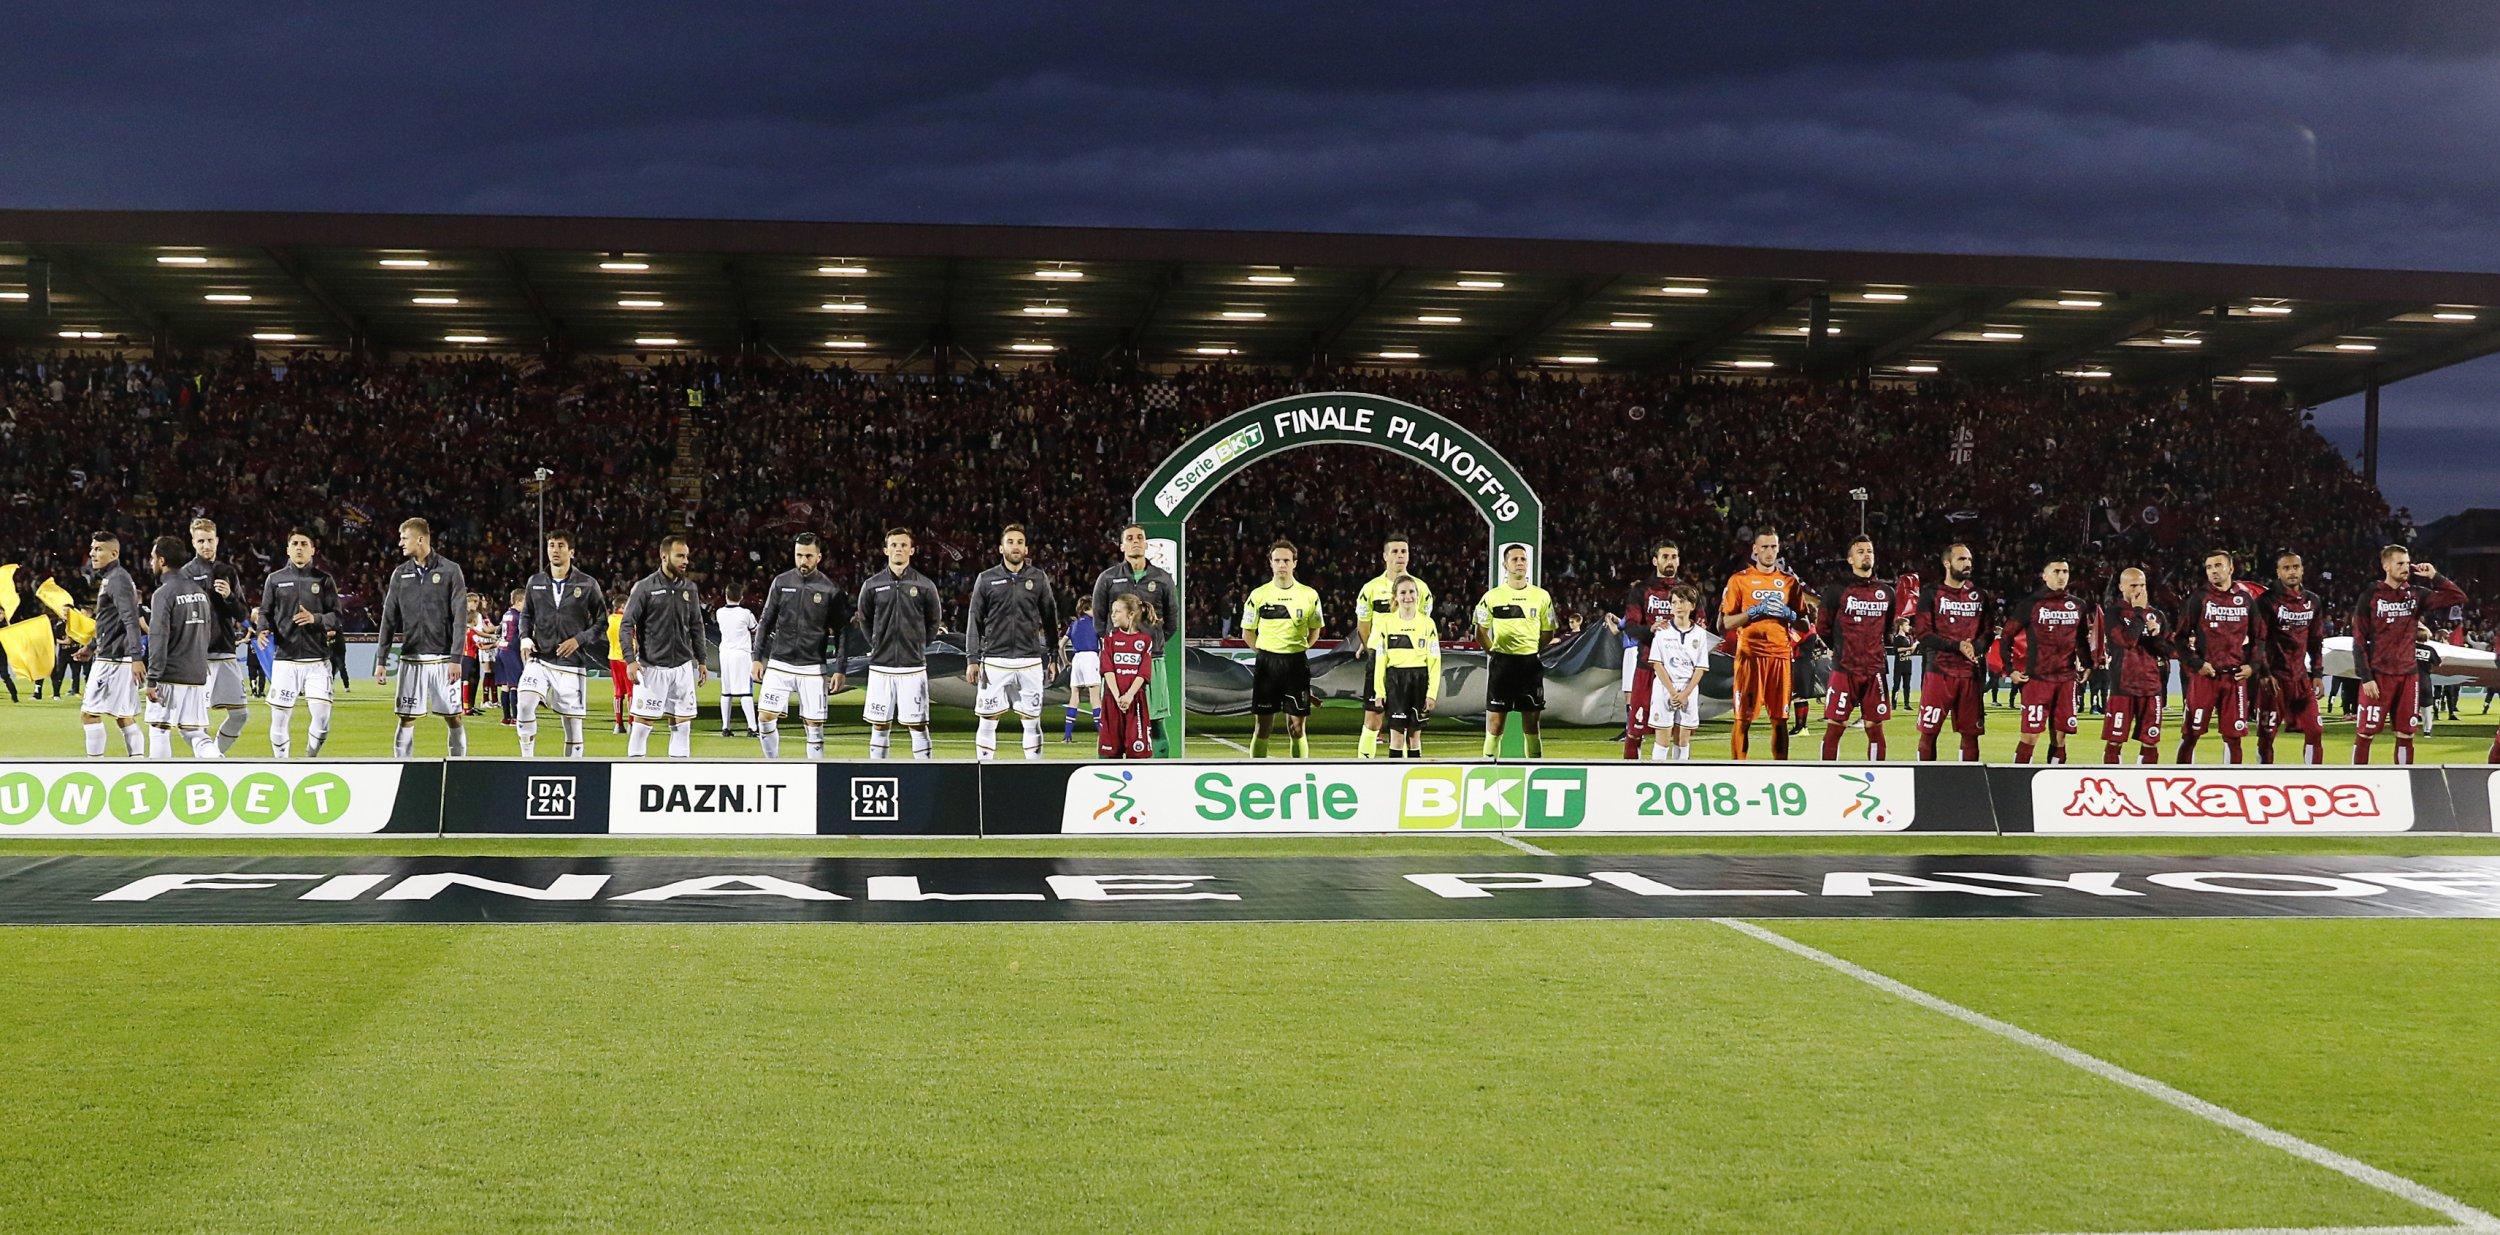 Serie B, Finale Ritorno, Hellas Verona vs Cittadella (diretta RAI 3 e DAZN)